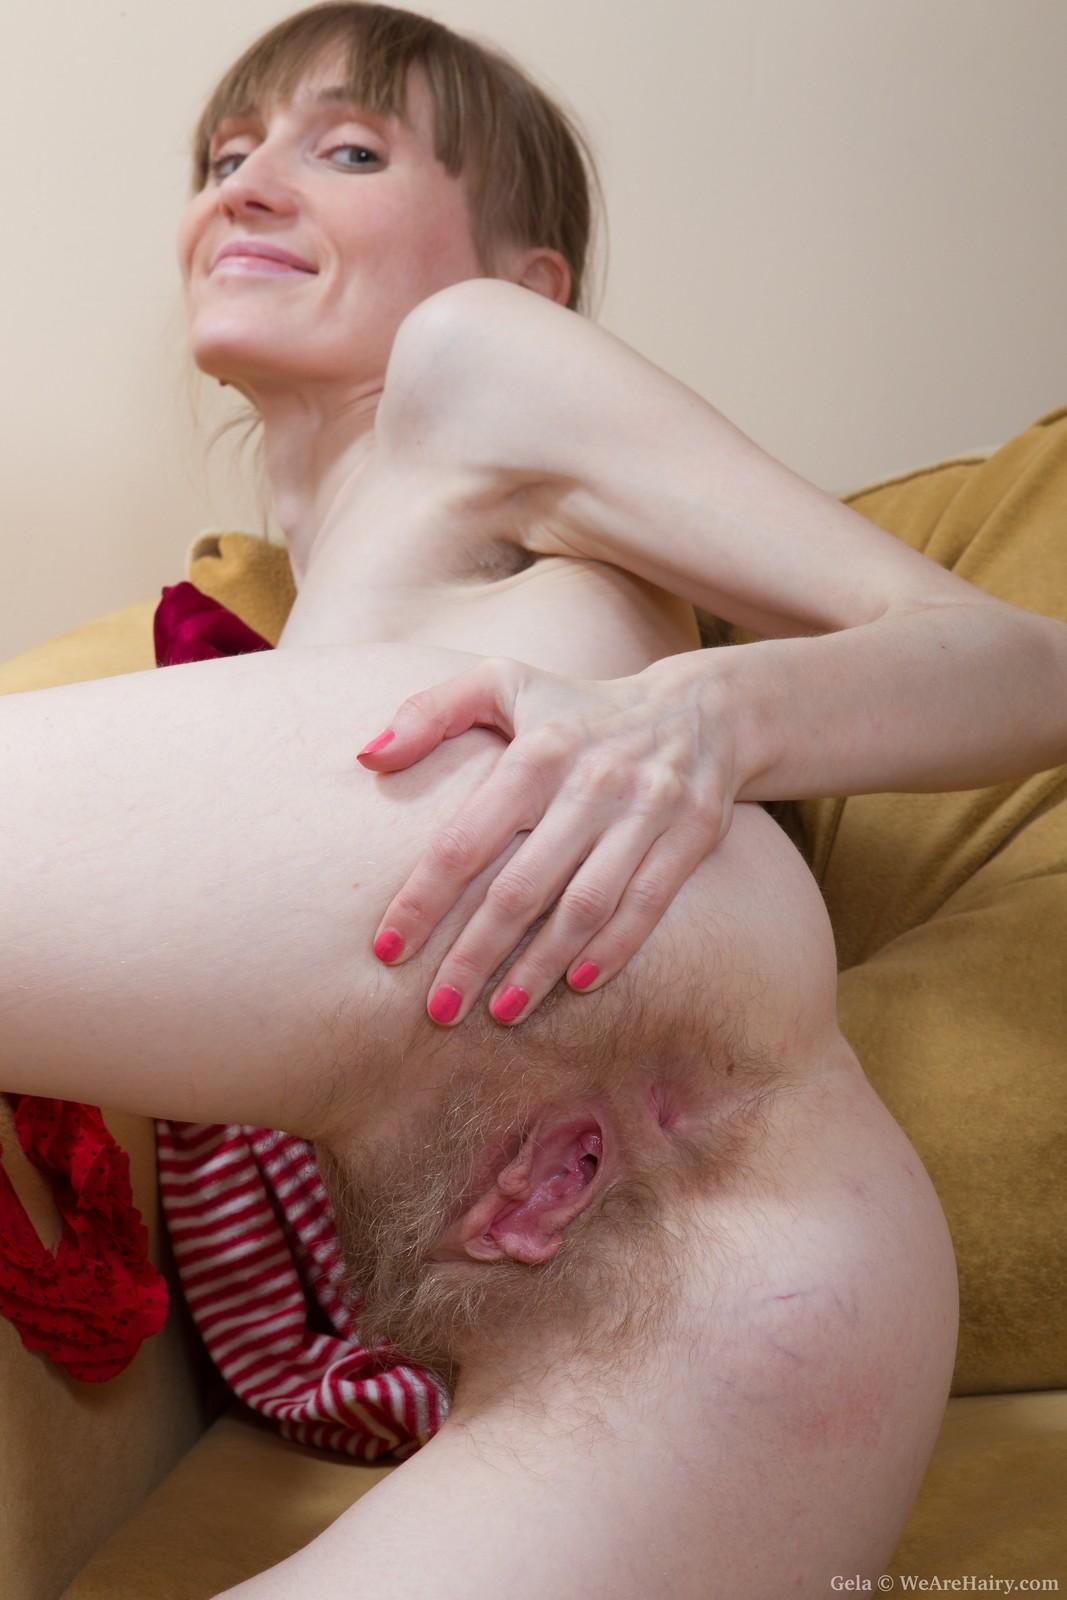 Вами фото фут фетиш сперма на женских пальчиках ног бесполезно. Абсолютно